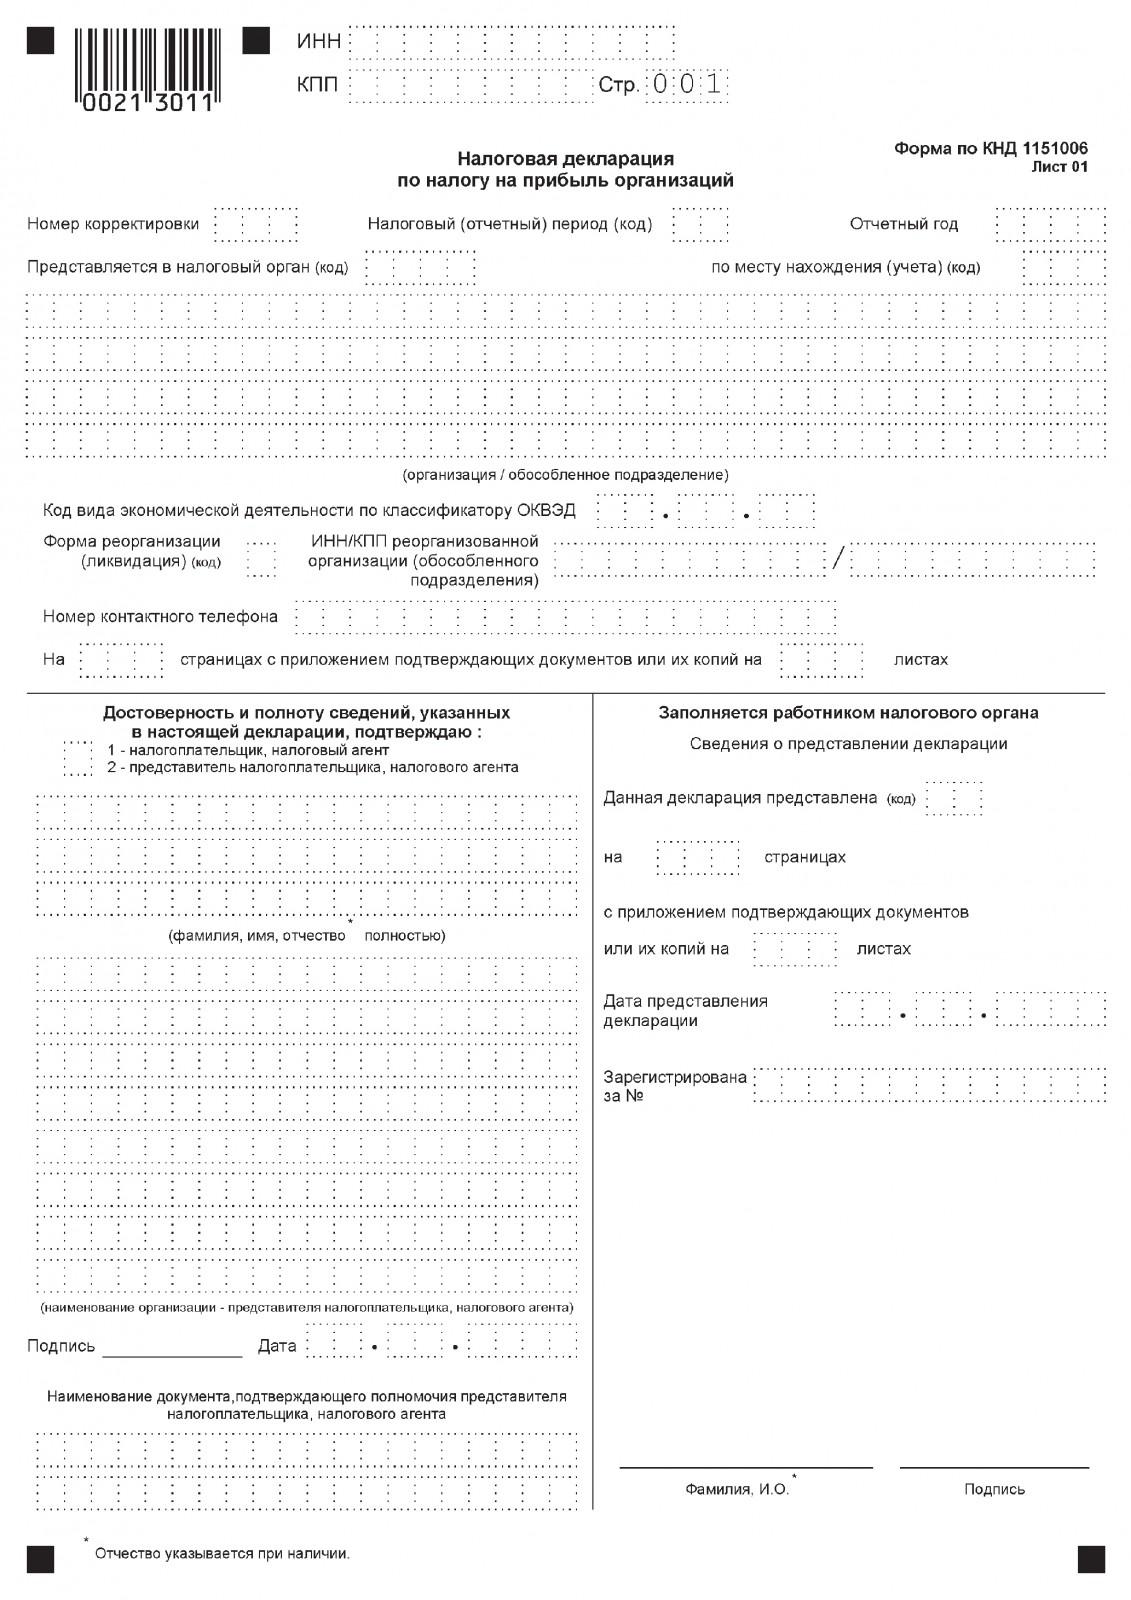 Бланки налоговой декларации по налогу на прибыль организаций